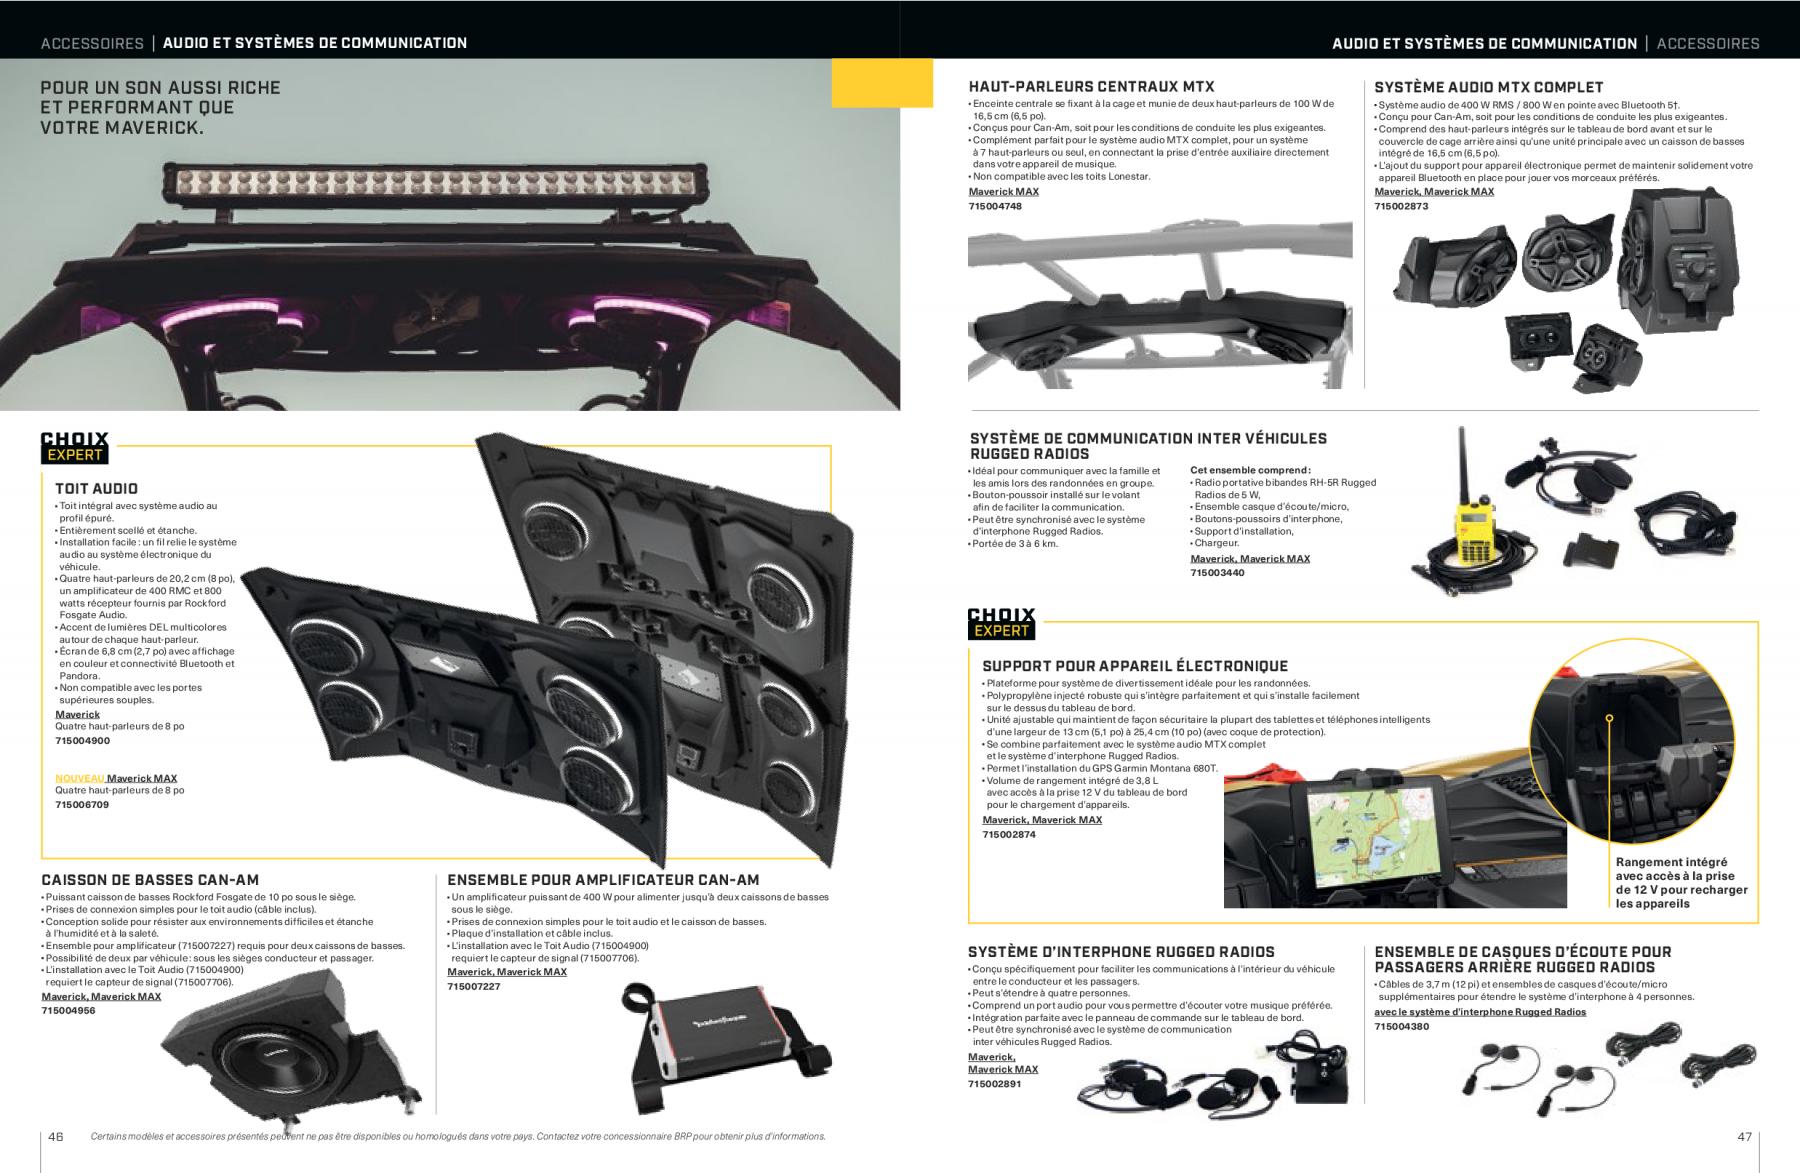 catalogue-accessoires-can-am-off-road-2021-maverick-X24